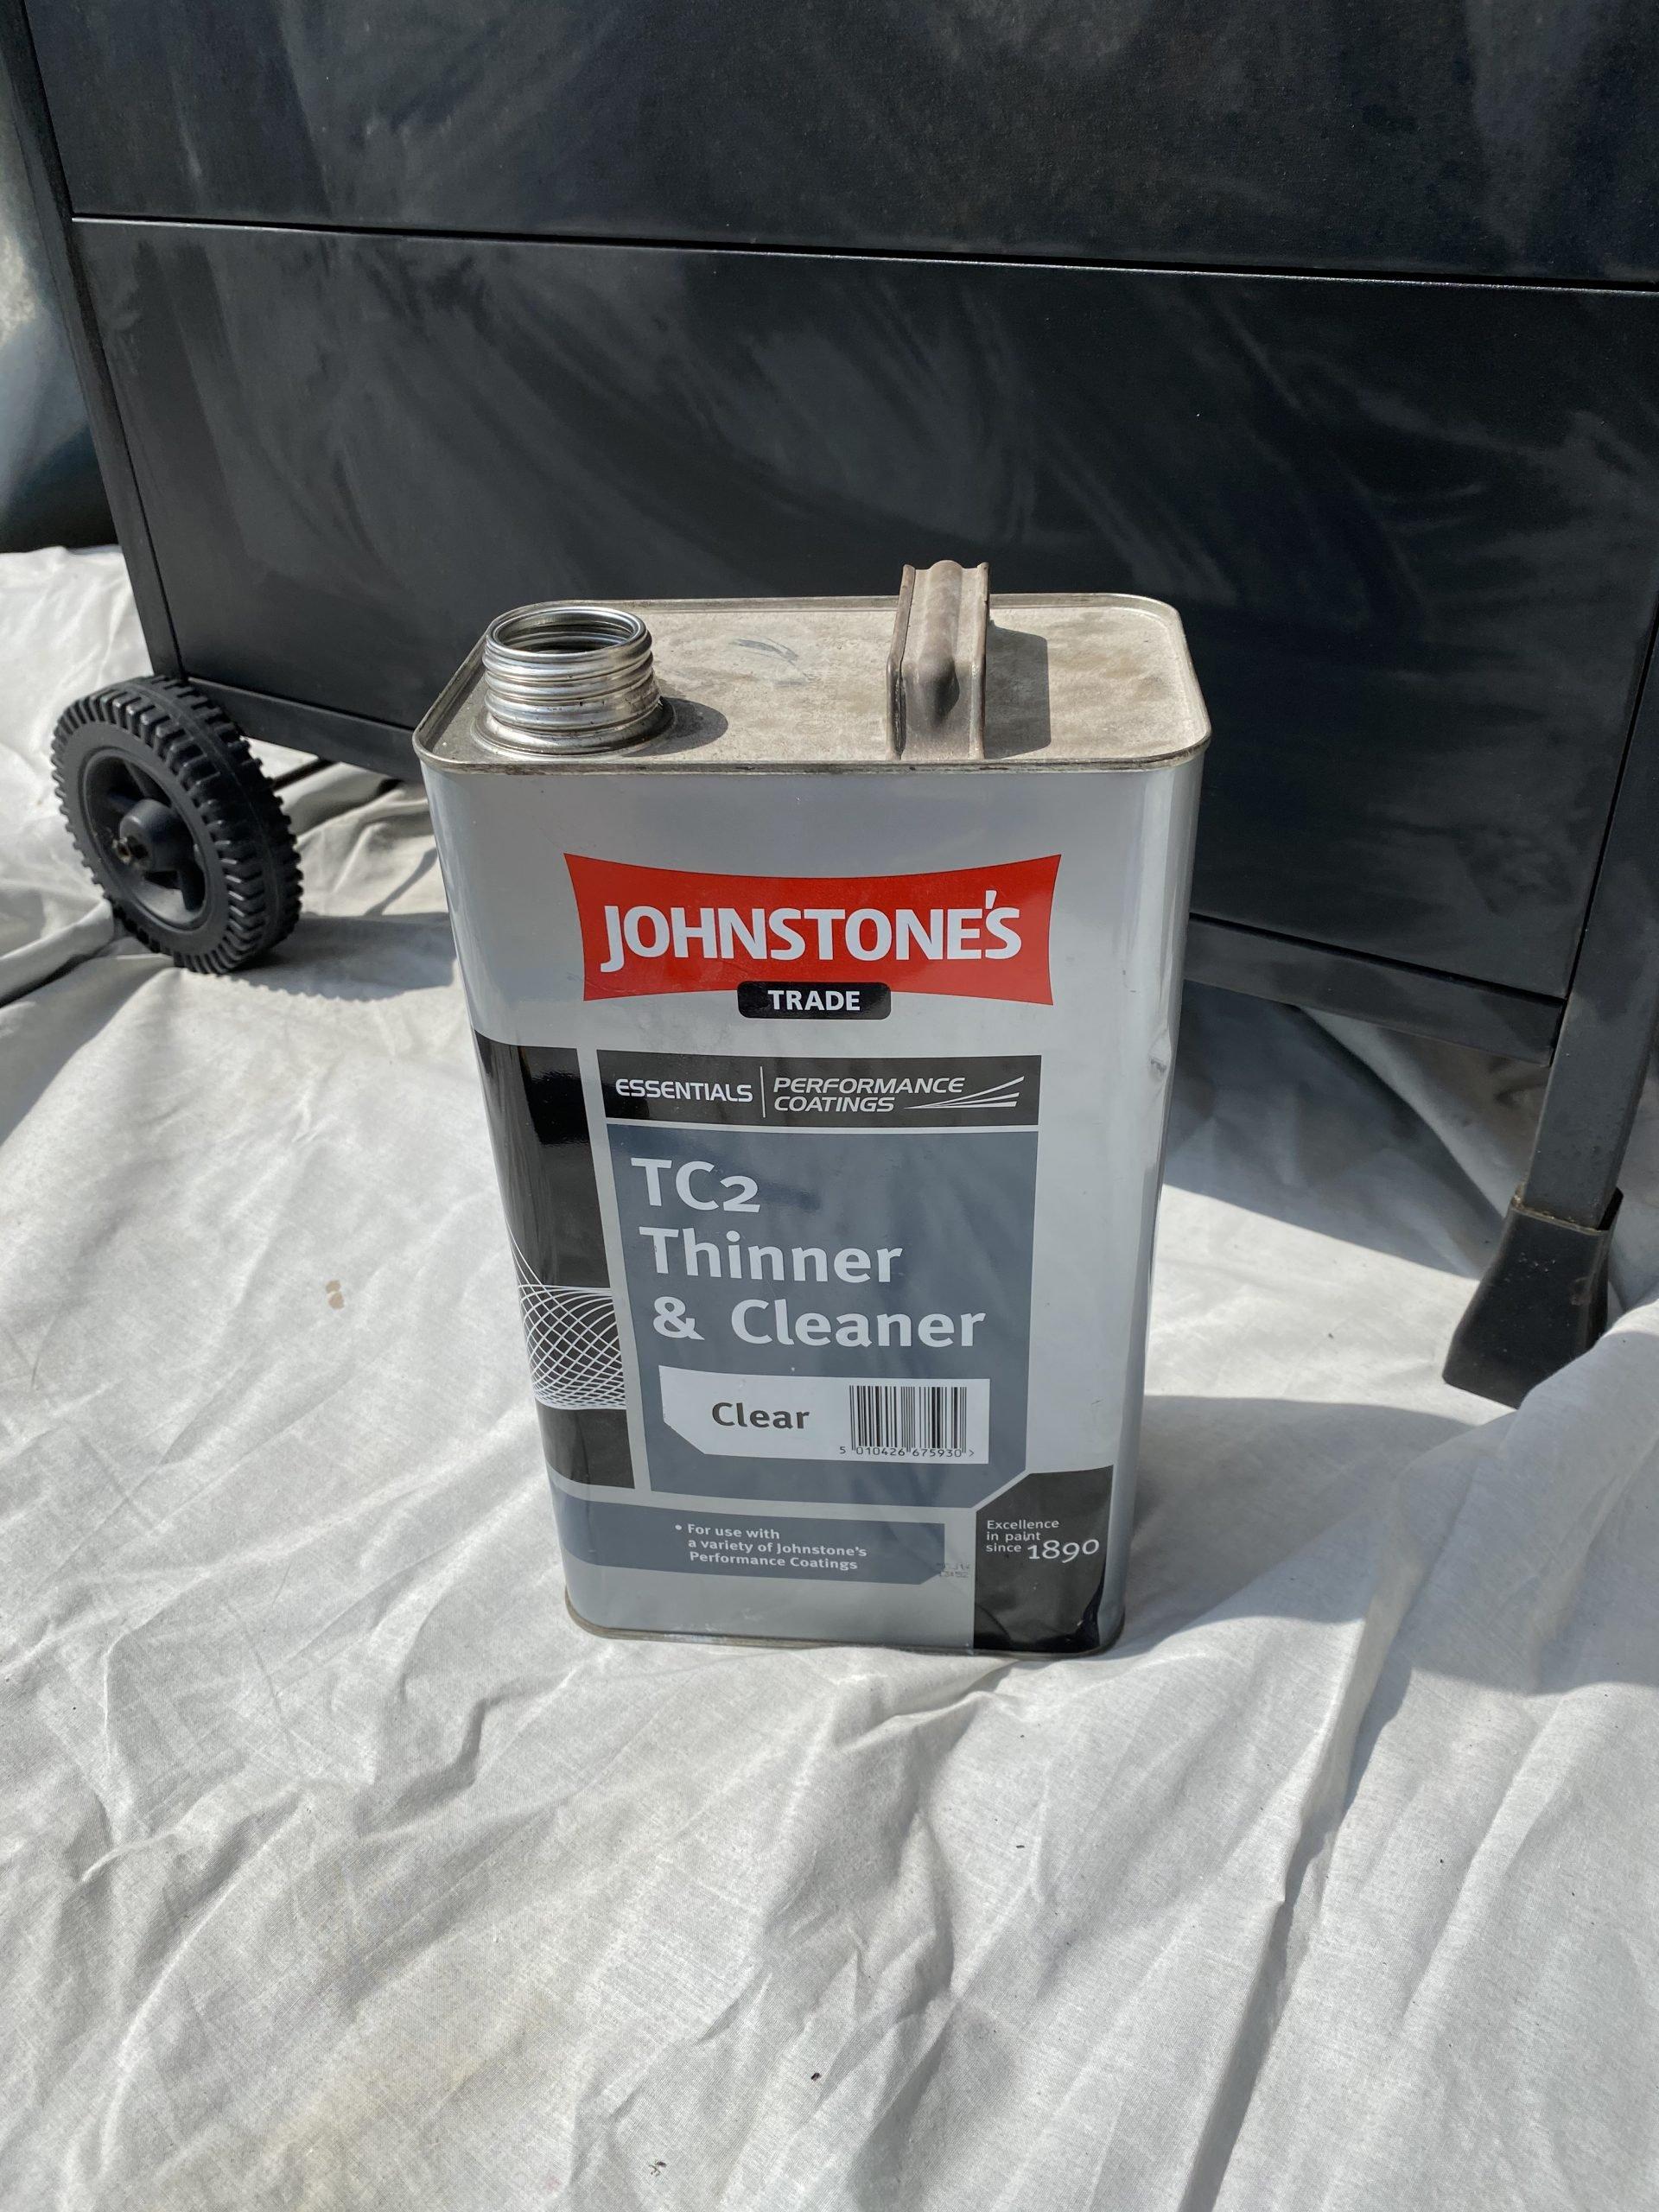 Johnstone's Trade Cleaner